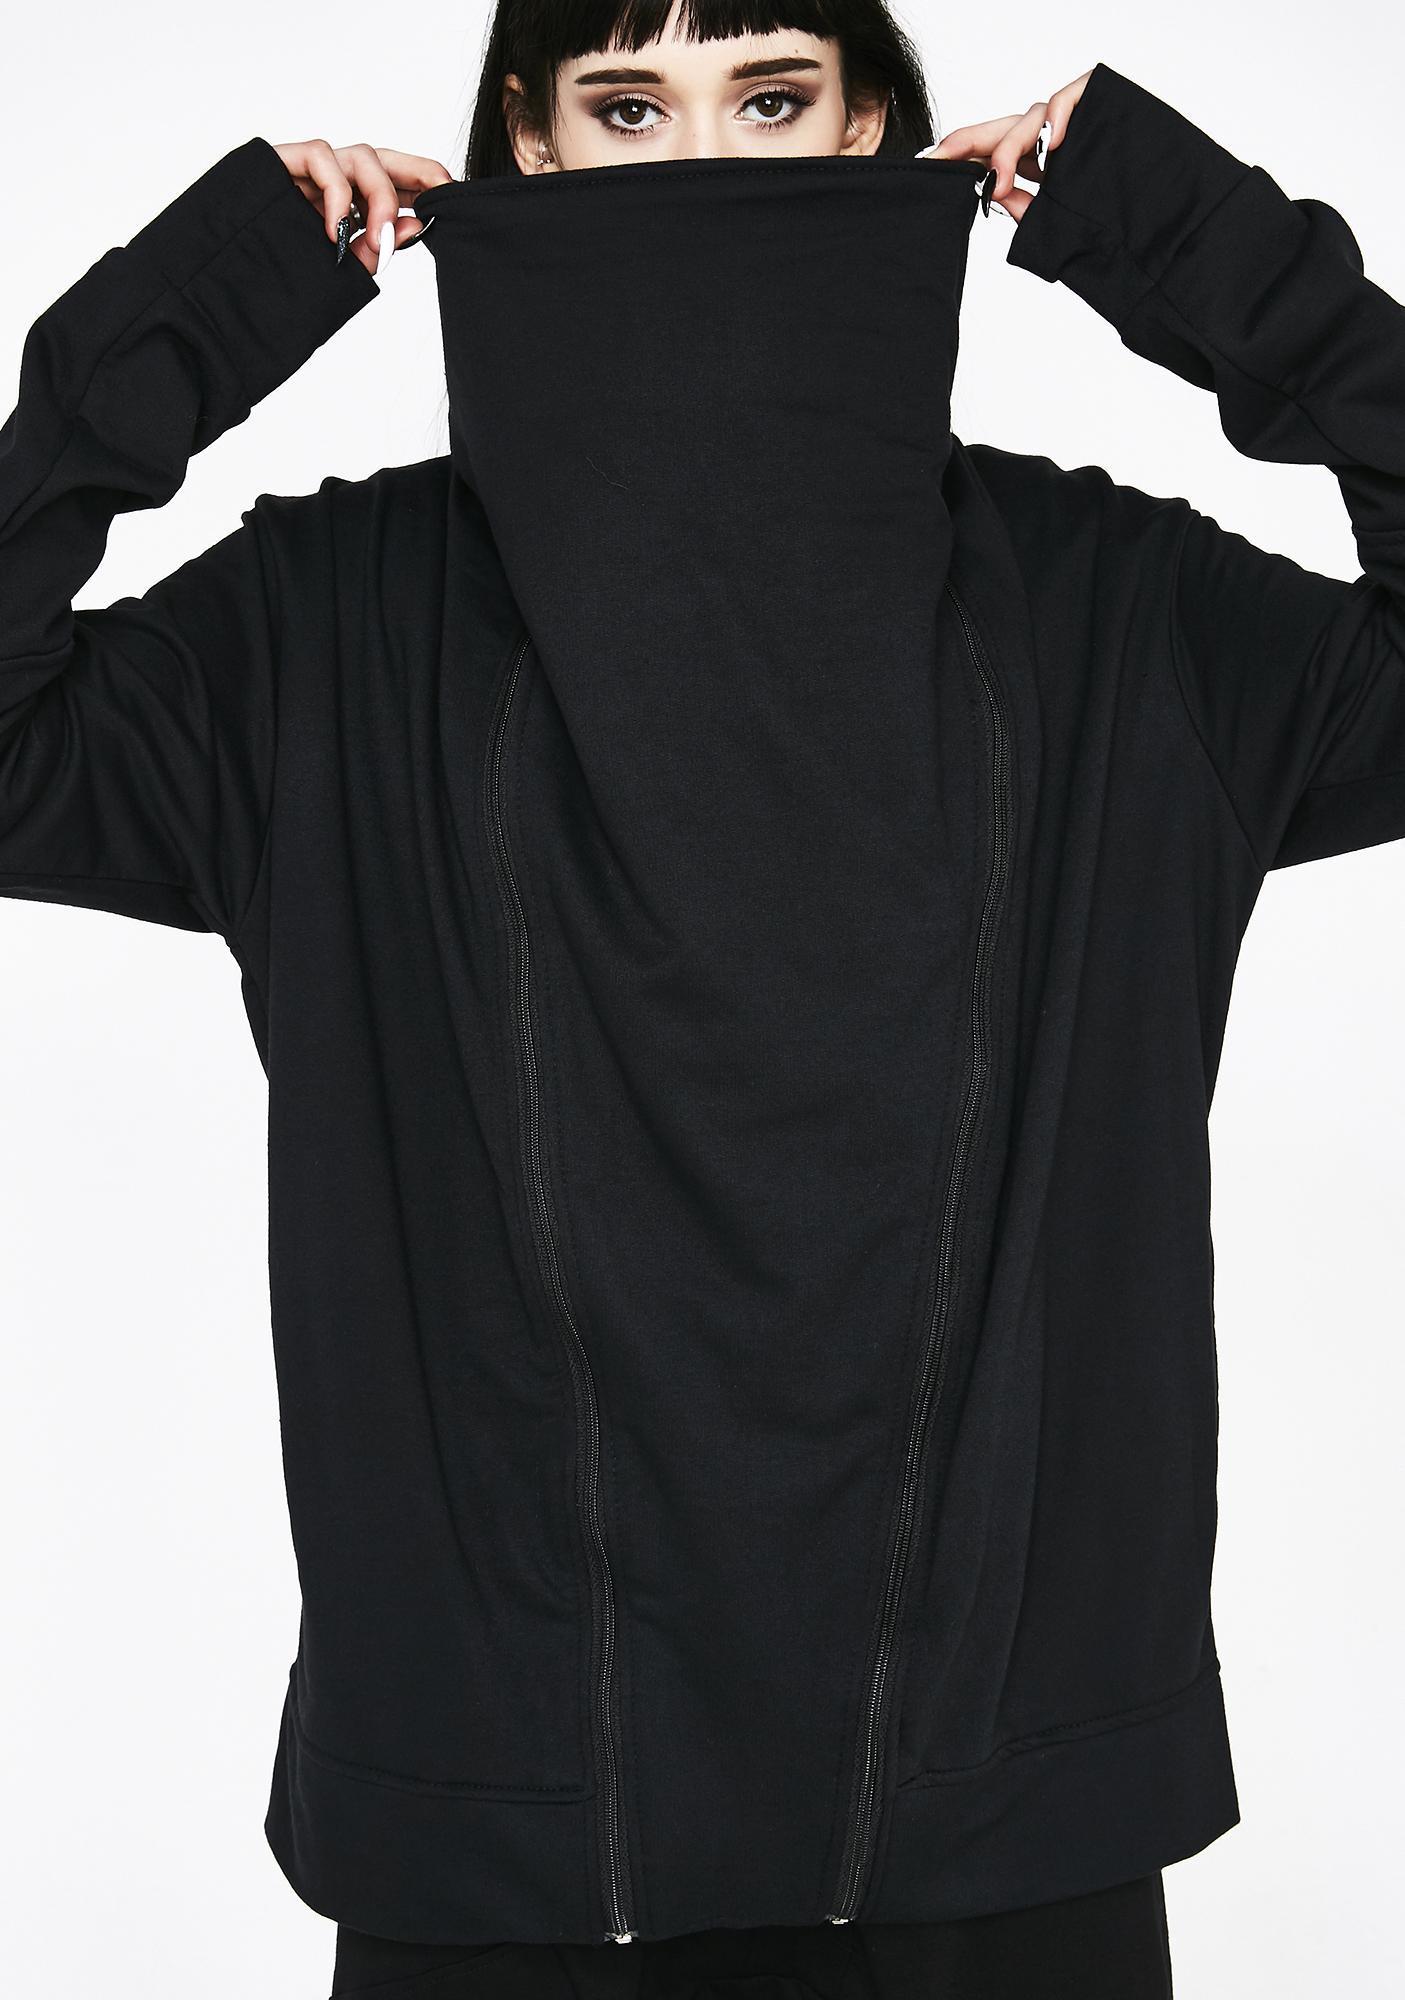 MNML Cyber Genesis Zip Up Sweater